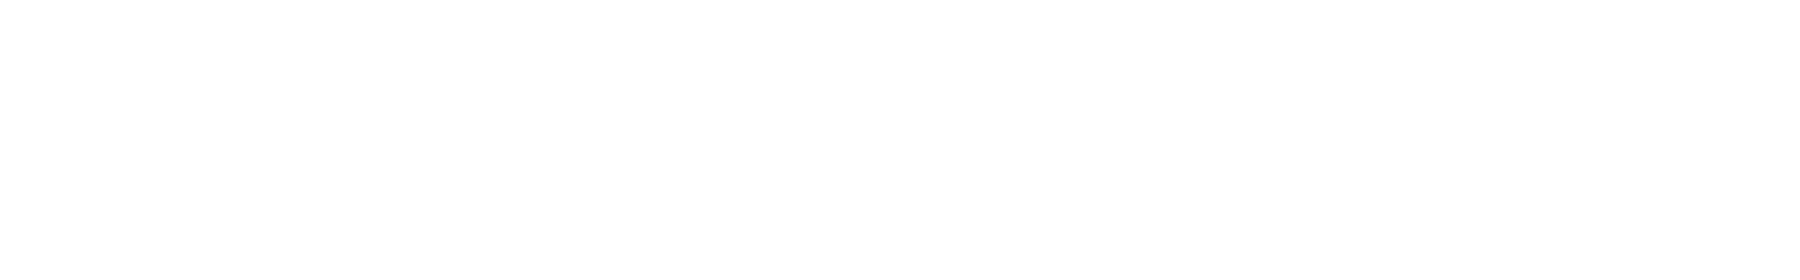 47462 jazz guitar 4 109bpm wav